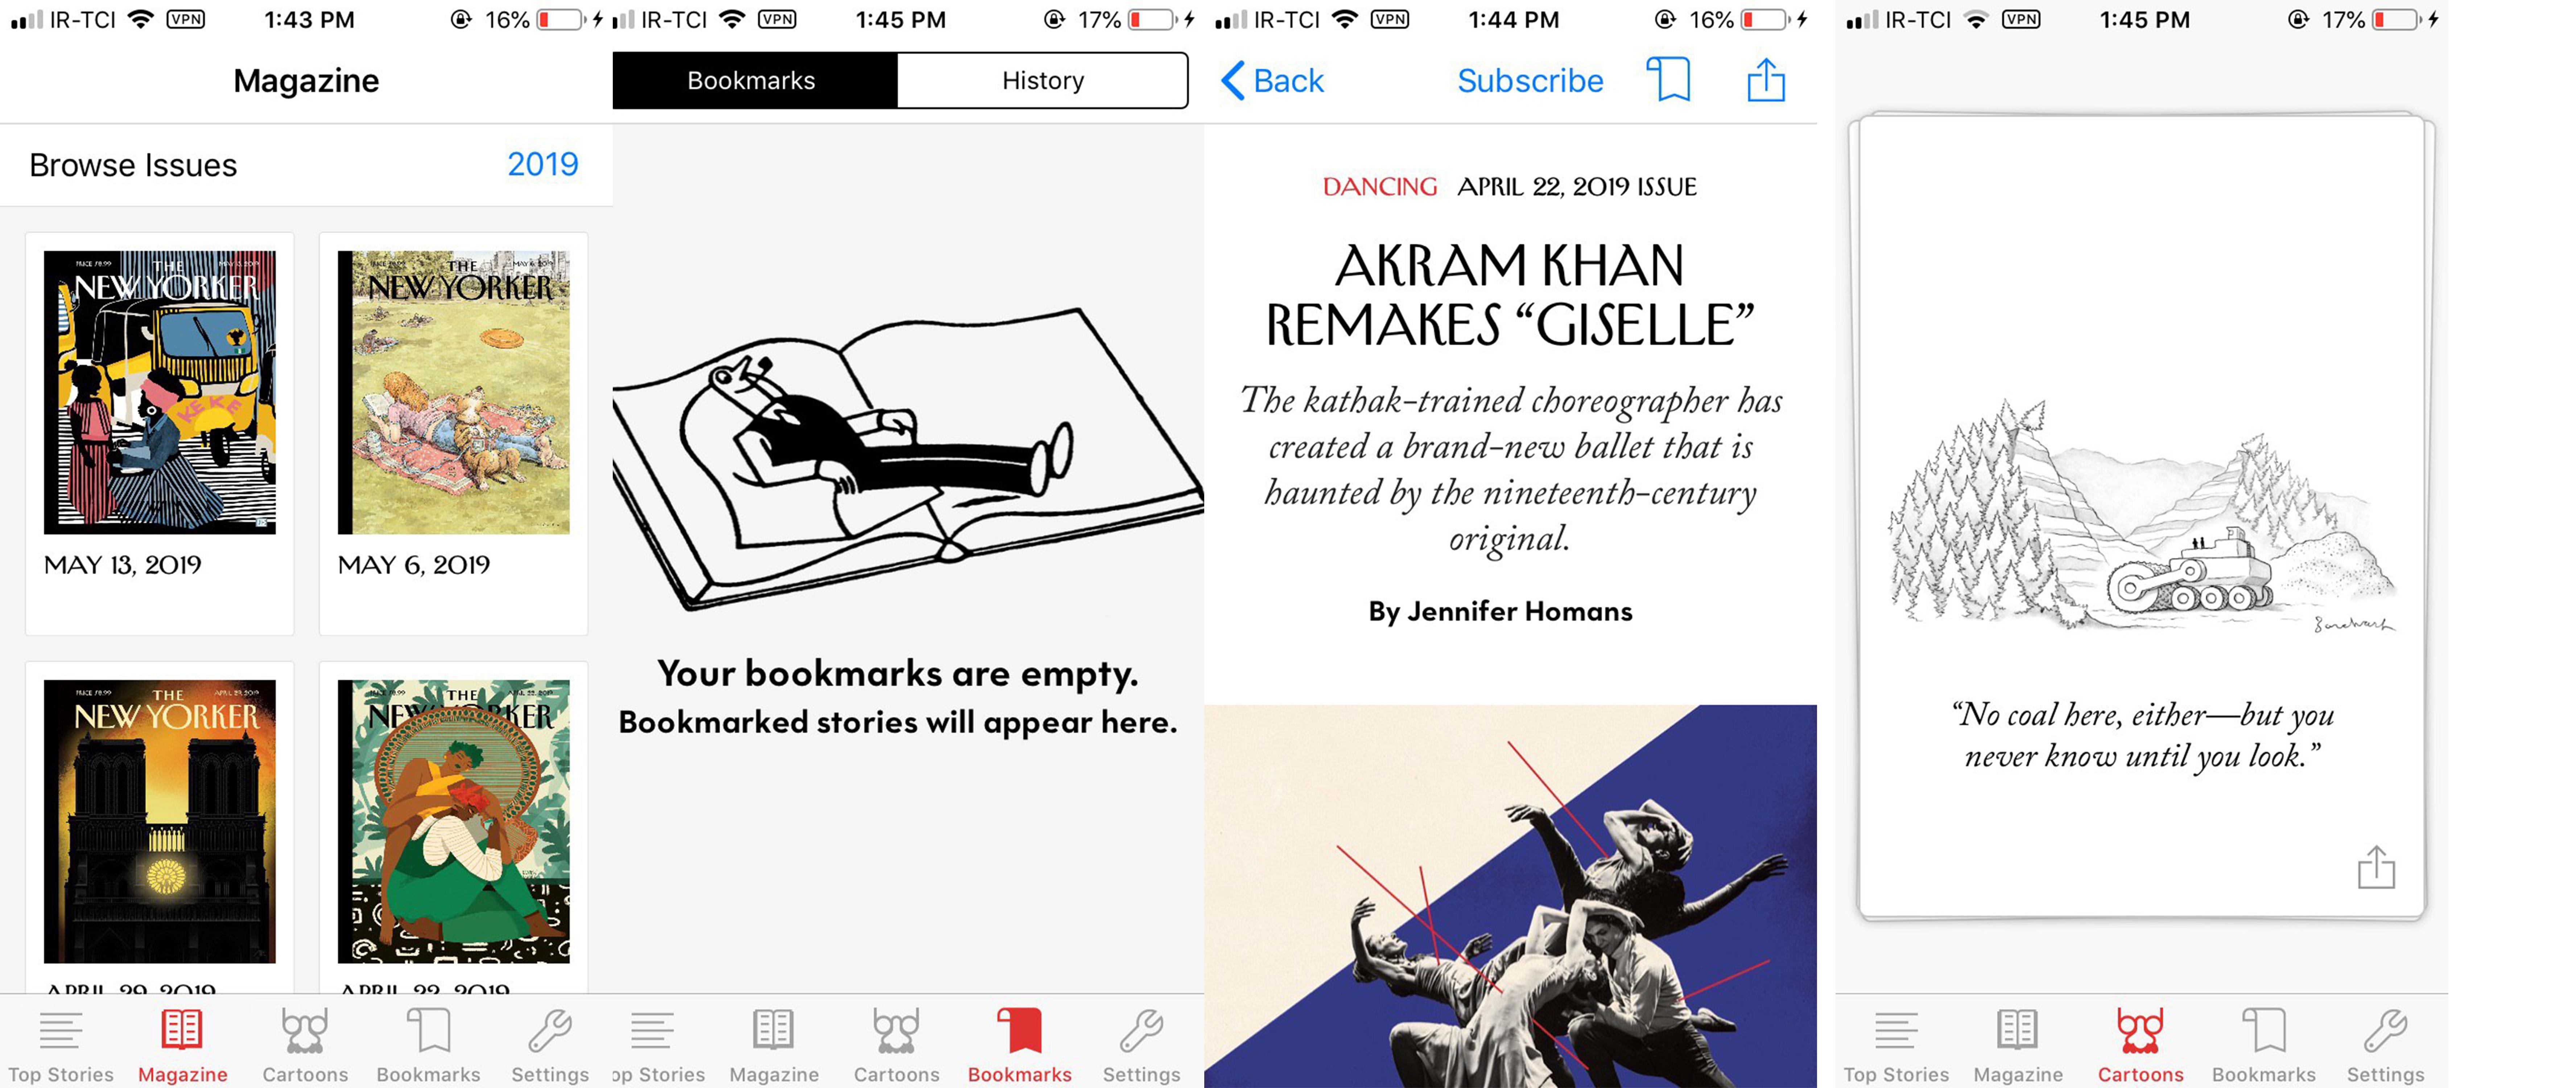 اپلیکیشن نیویورکر امکان بوکمارک کردن مقالات را به کاربر میدهد و تمامی کاریکاتور ها در یک جا جمع شده اند.